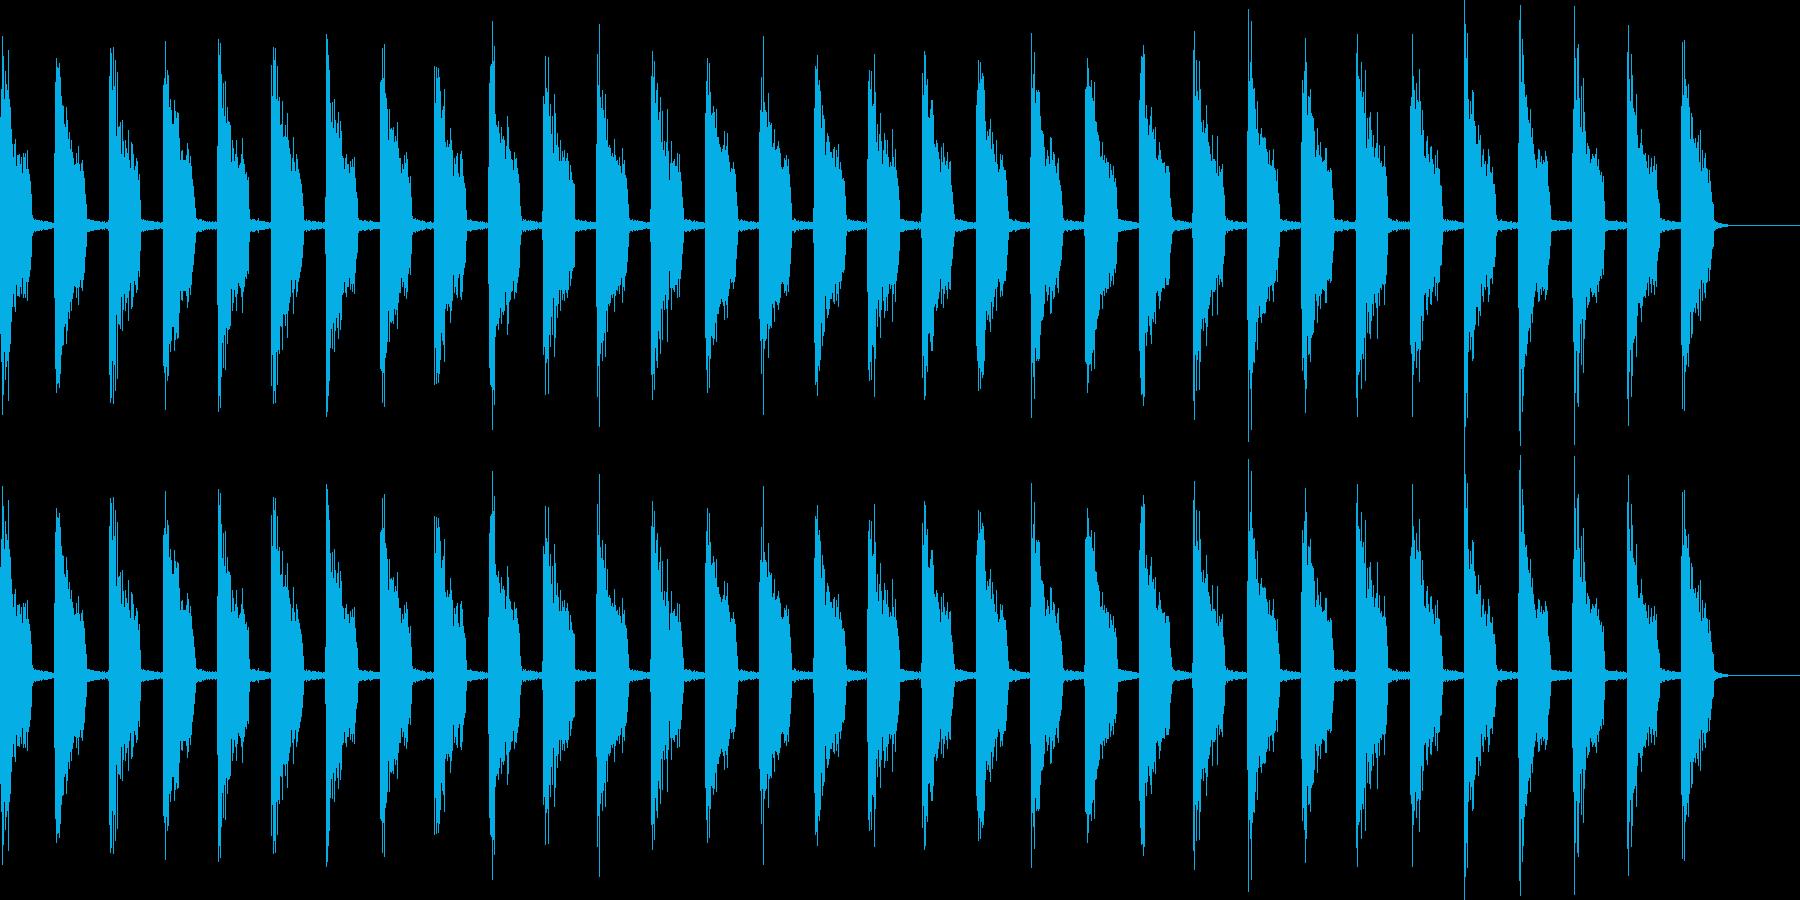 ティッティッティッの再生済みの波形